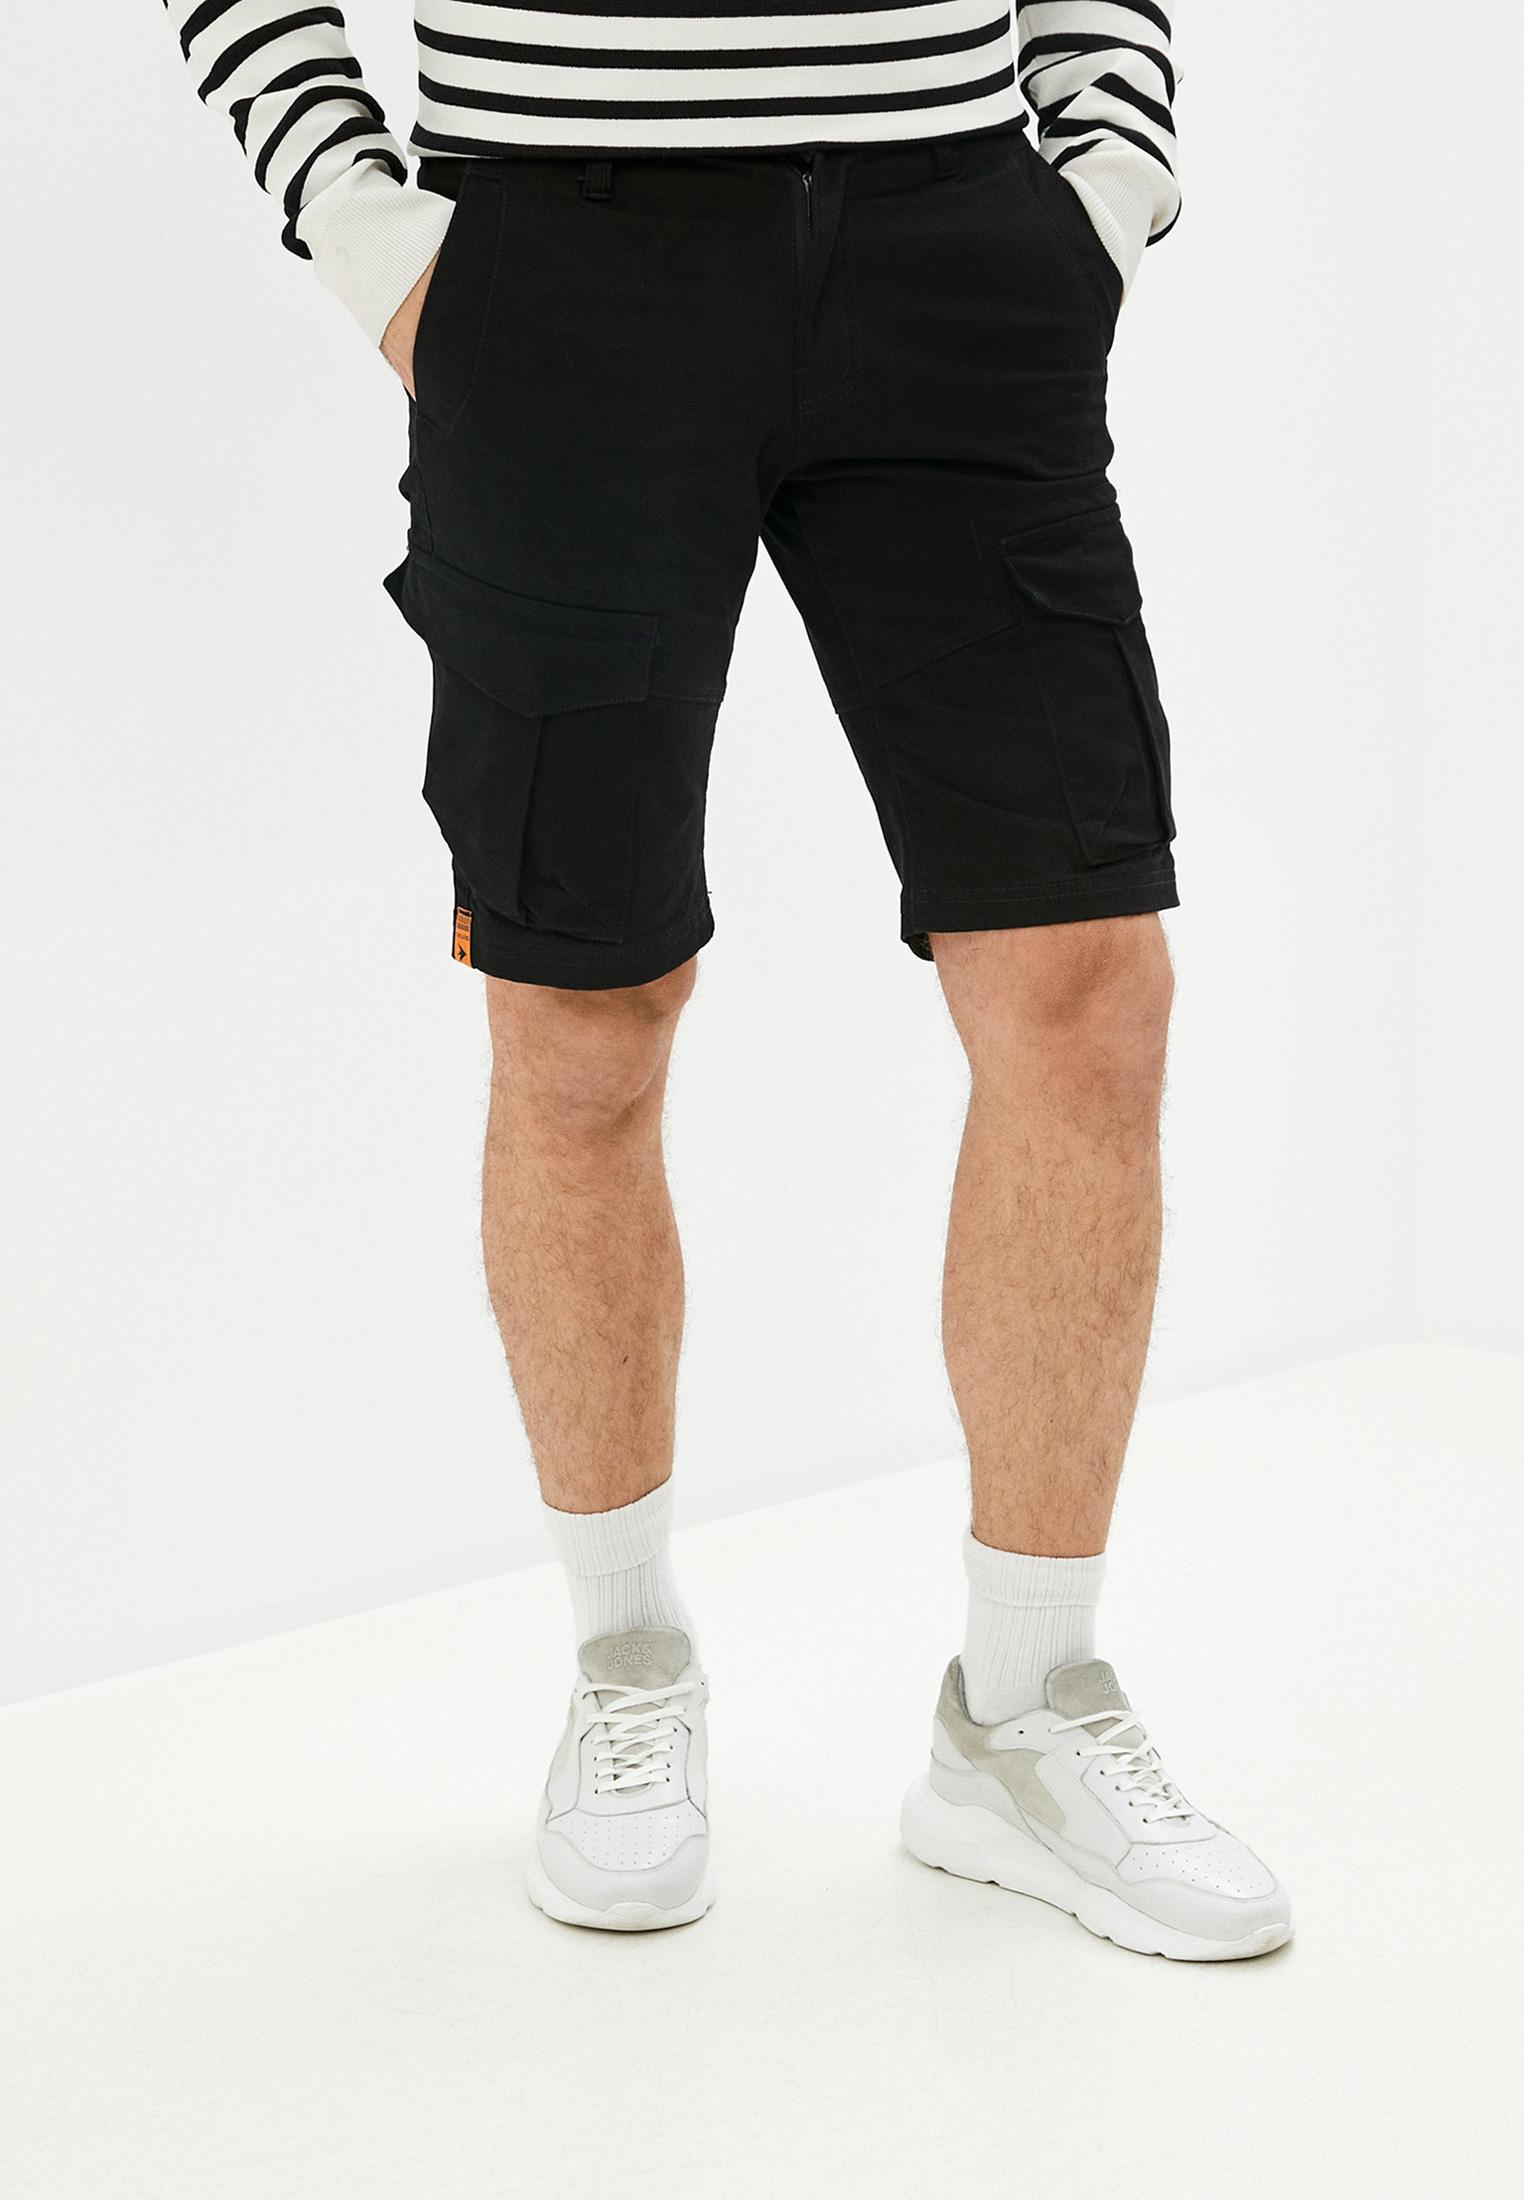 Мужские спортивные шорты Trailhead MST044